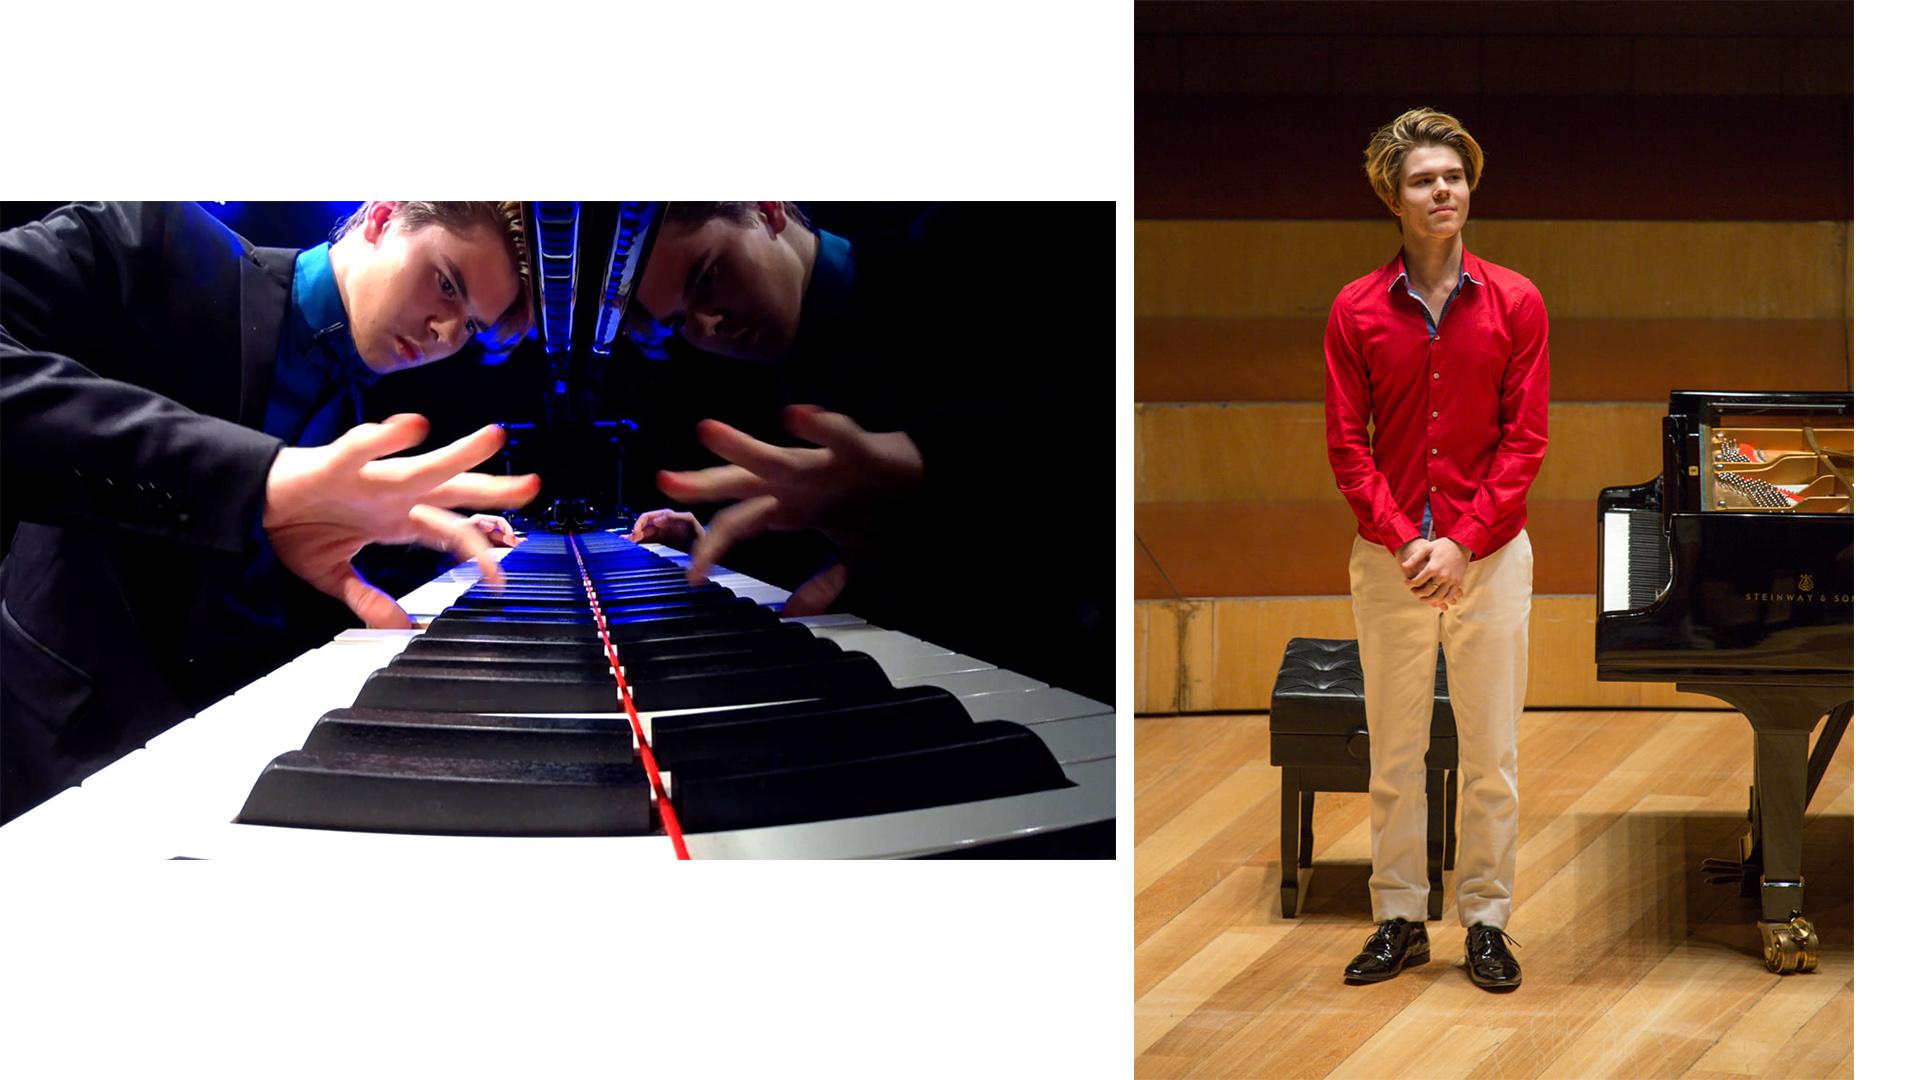 legendás zeneszerző liszt ferenc liszt ferenc szépunokája michael andreas haeringer sophie menter spanyol got talent szurovecz kitti világhír zeneszerző zongoraművész